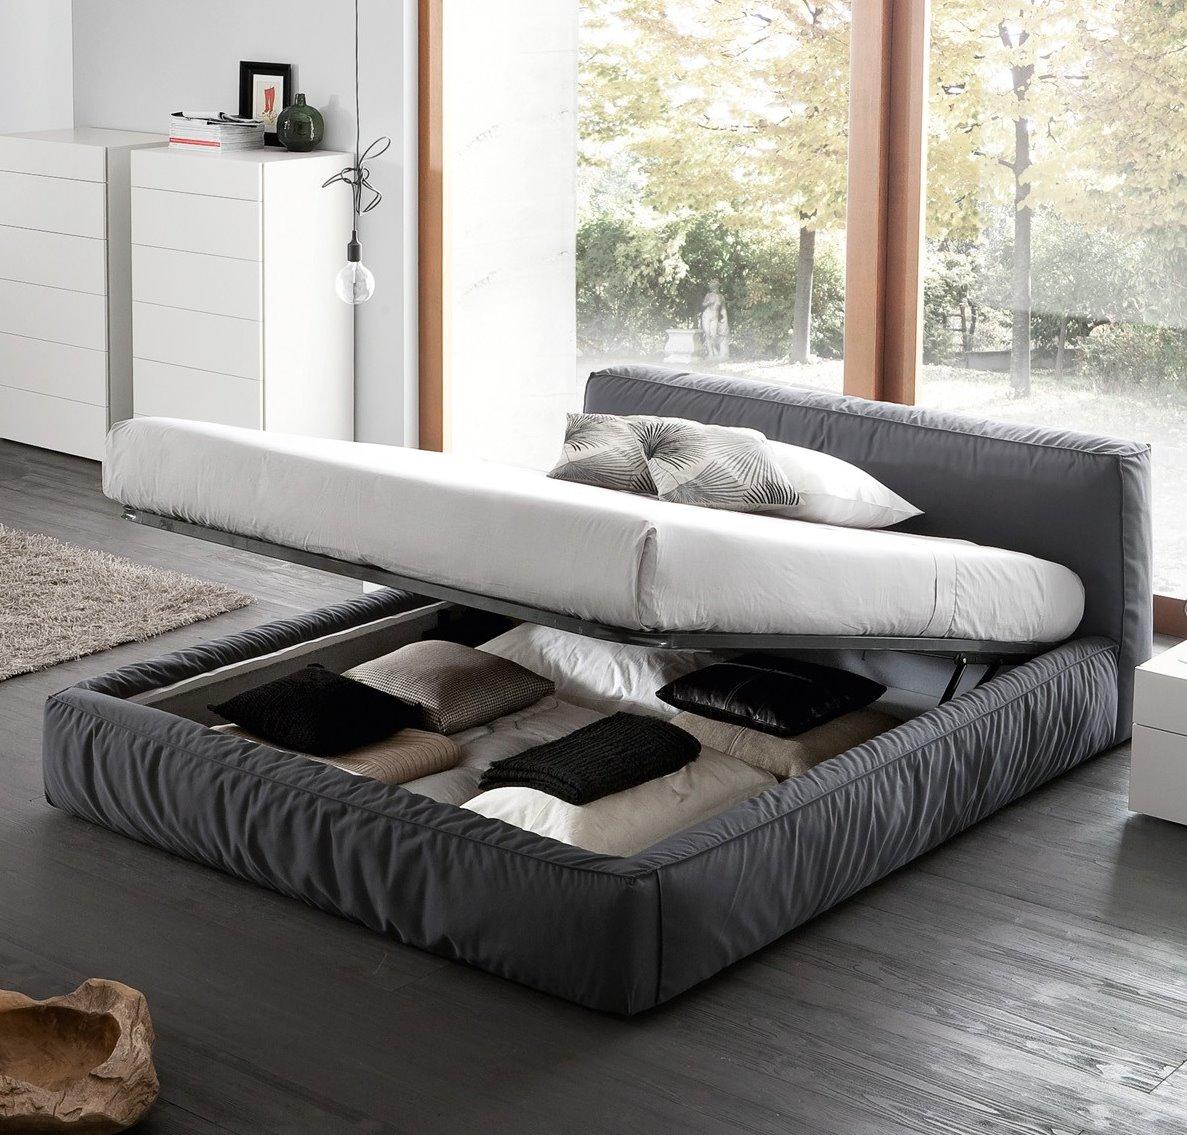 Idee come arredare un monolocale idee consigli e arredi indispensabili arredaclick - Come costruire un letto contenitore ...